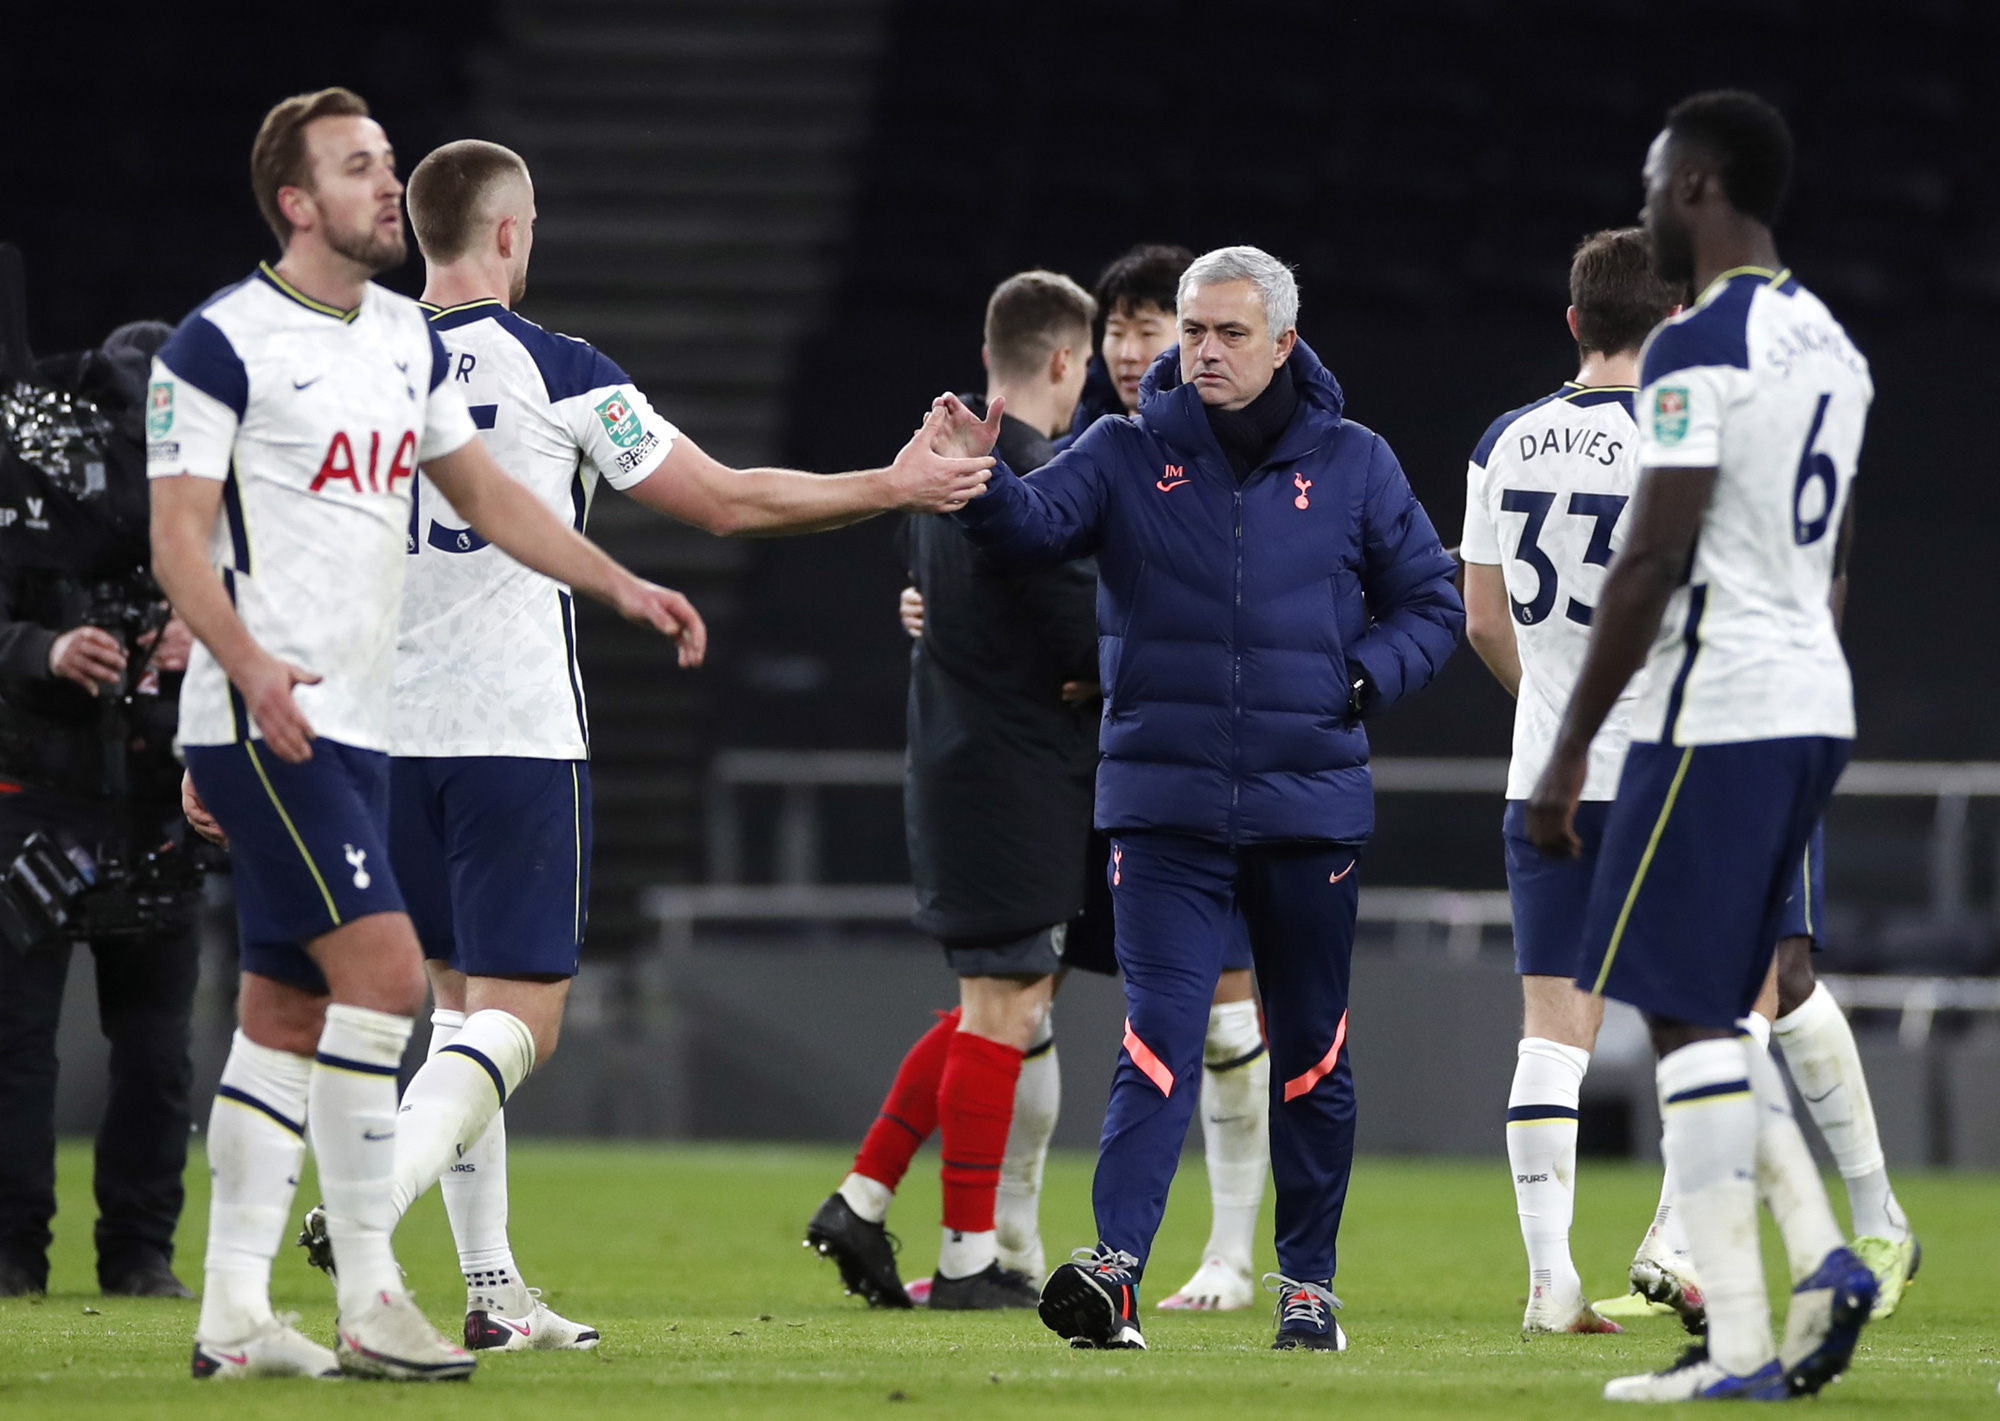 Hạ Brentford 2-0, Tottenham có vé dự trận chung kết đầu mùa - Ảnh 7.